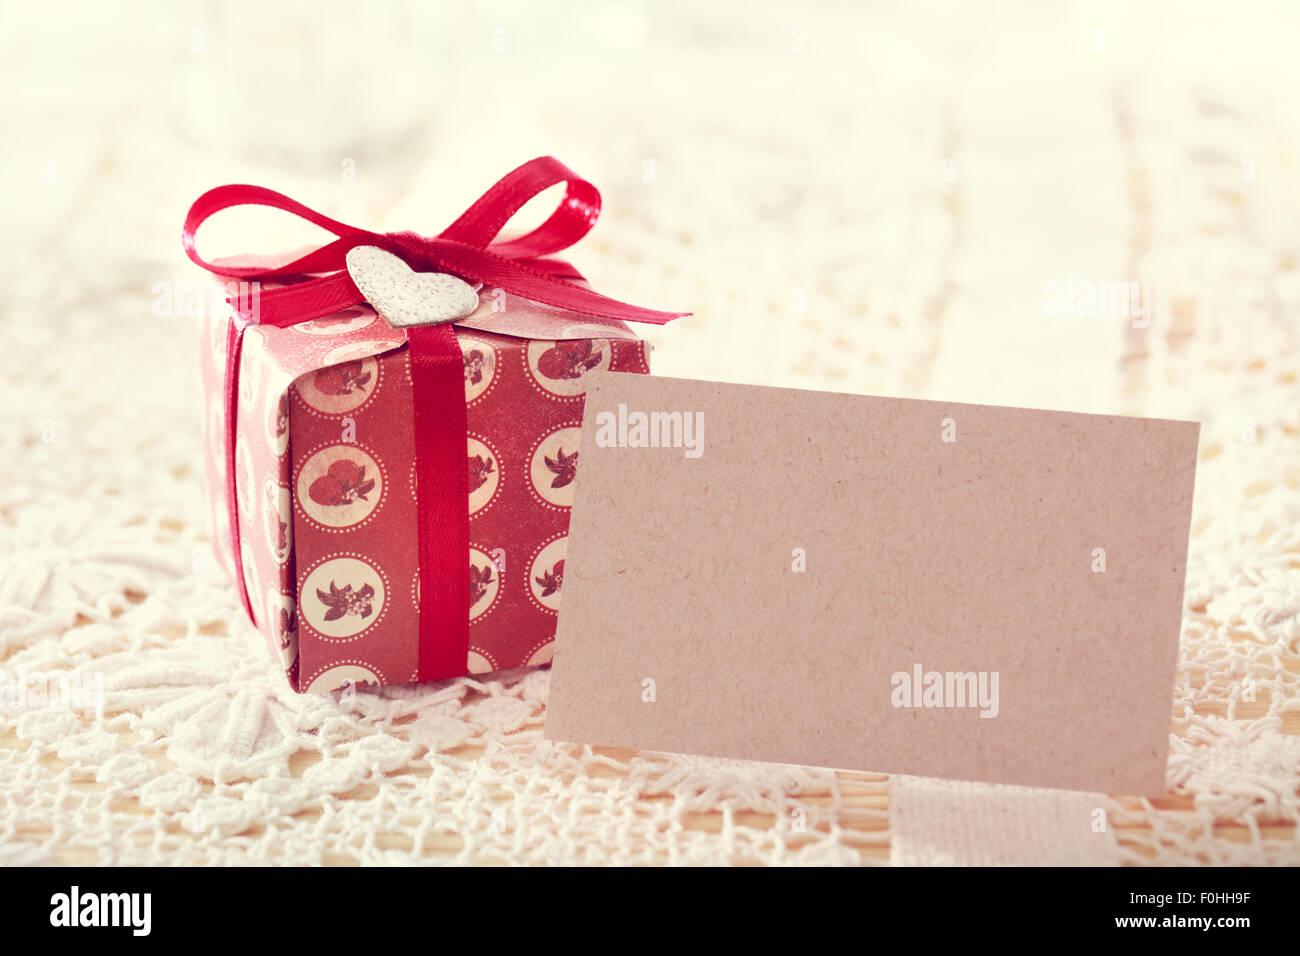 Handgemachte Geschenkkartons mit roten Bändern und herzförmige Tags ...